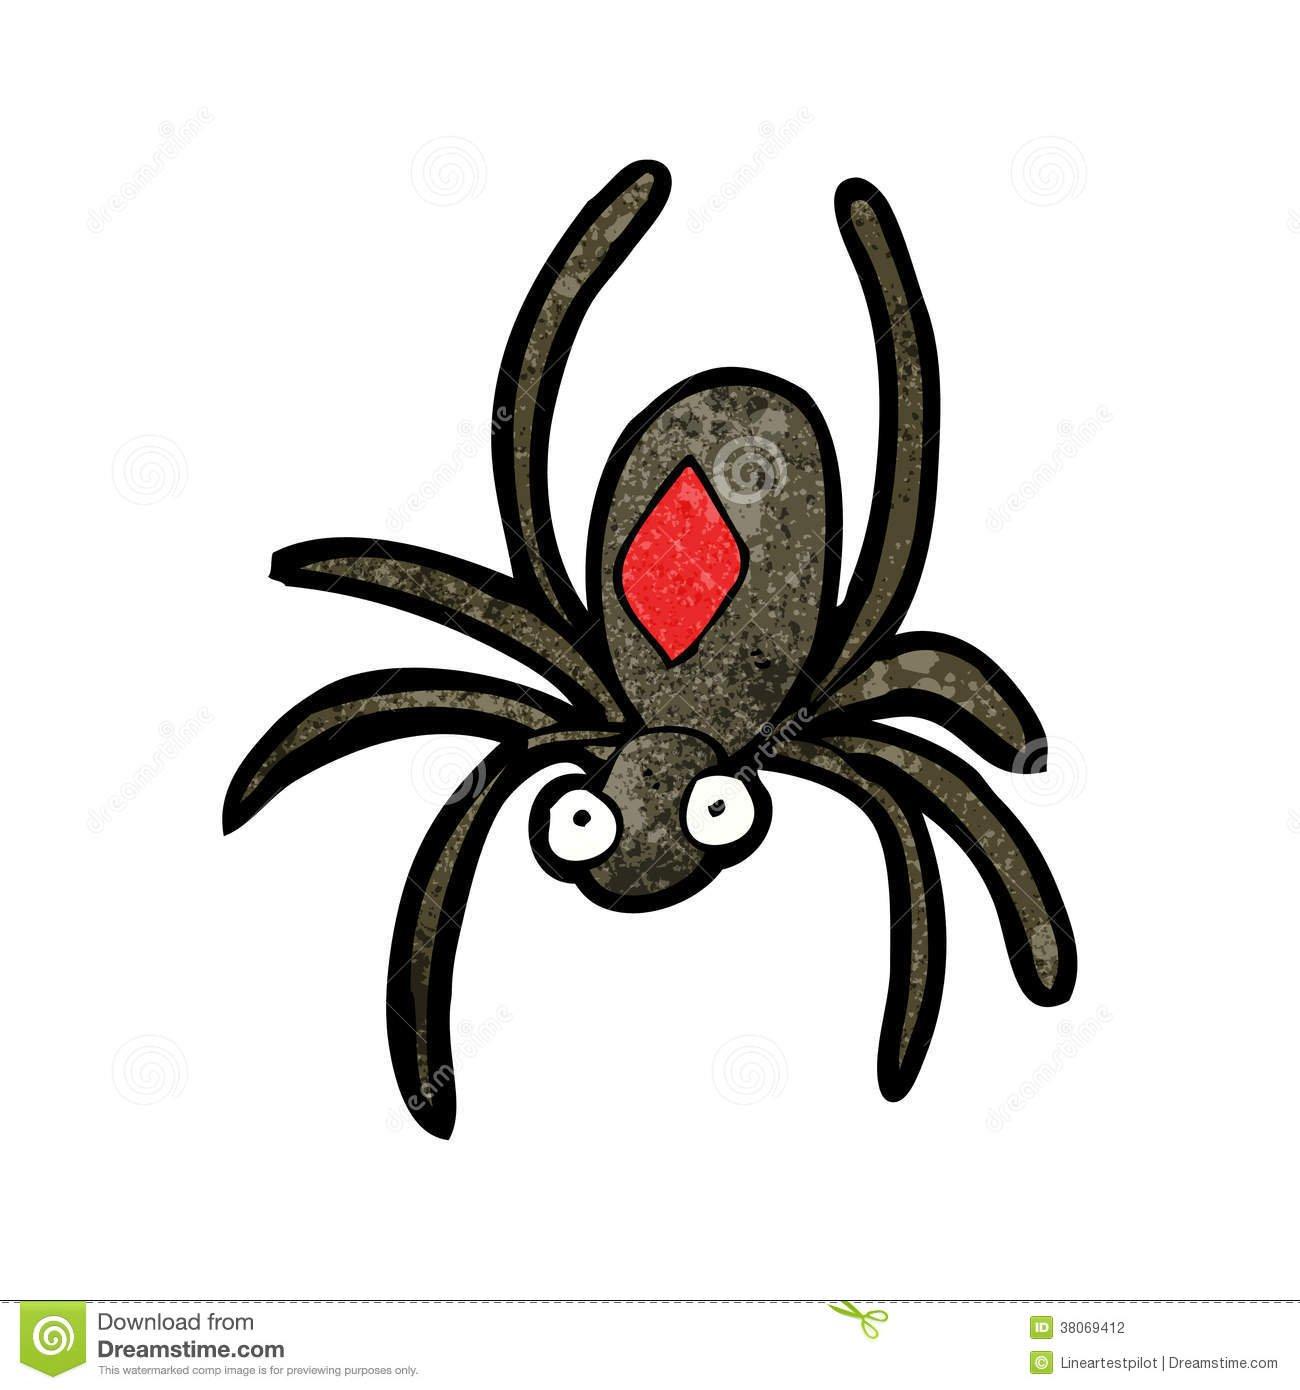 Desenho Da Aranha Da Viúva Negra Imagem De Stock